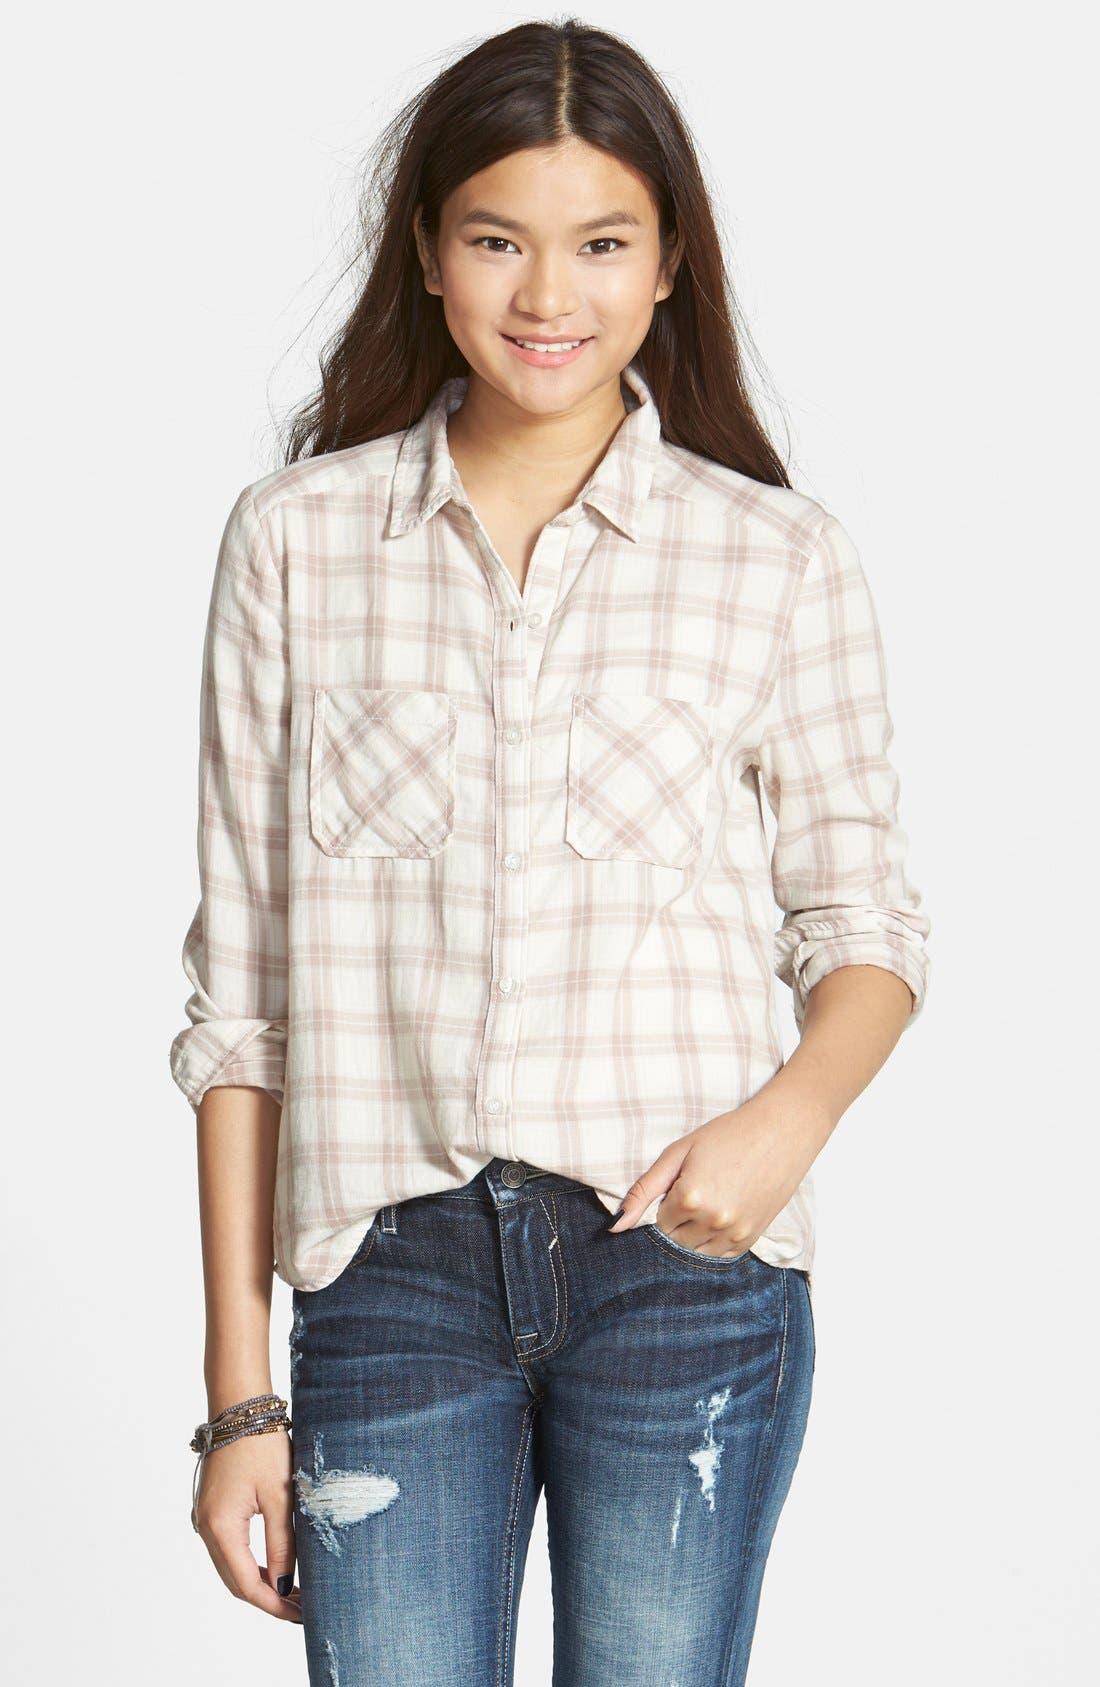 Alternate Image 1 Selected - BP. 'Easy' Plaid Shirt (Juniors)